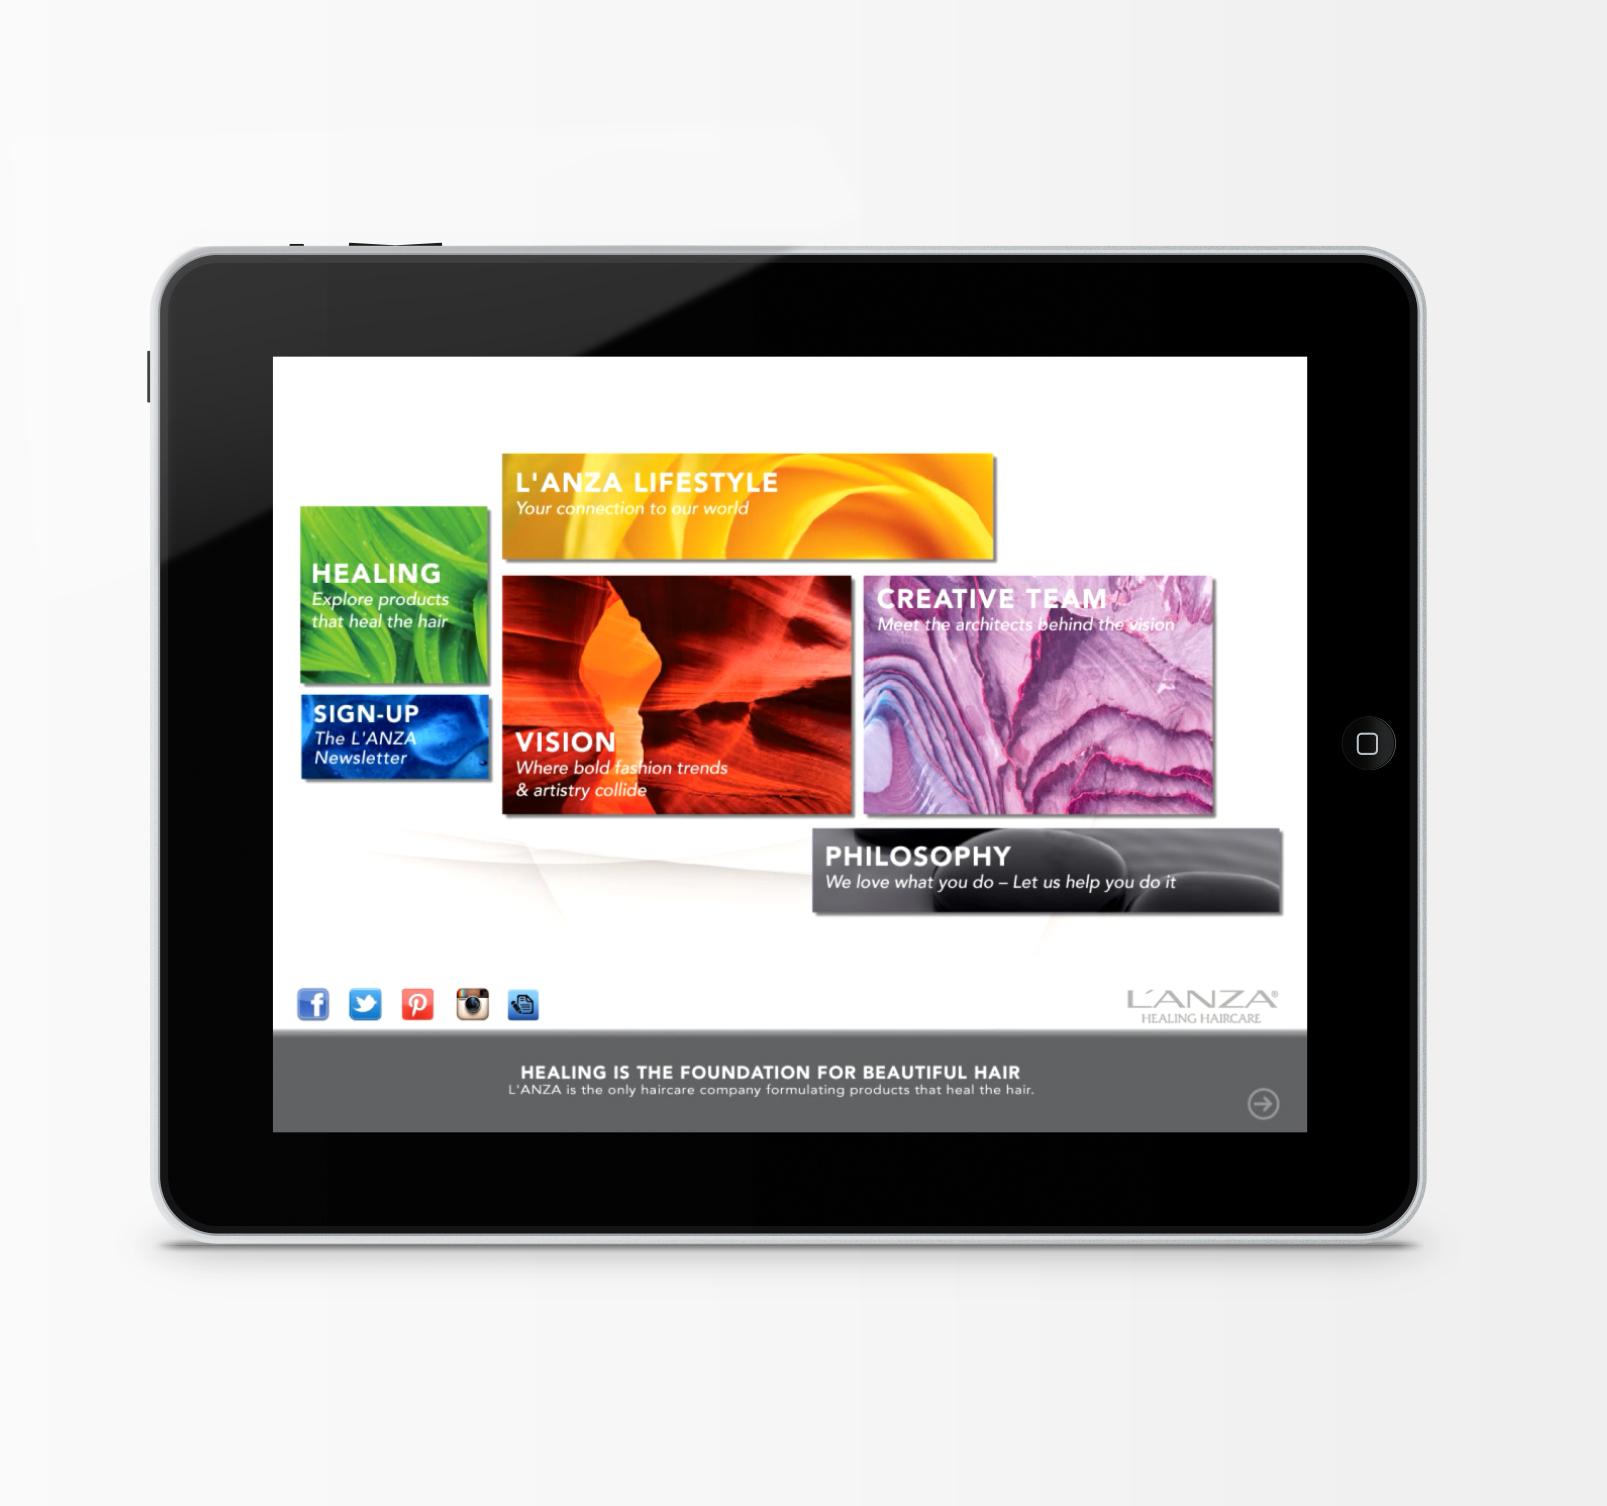 iPad_Lanza_MainPage